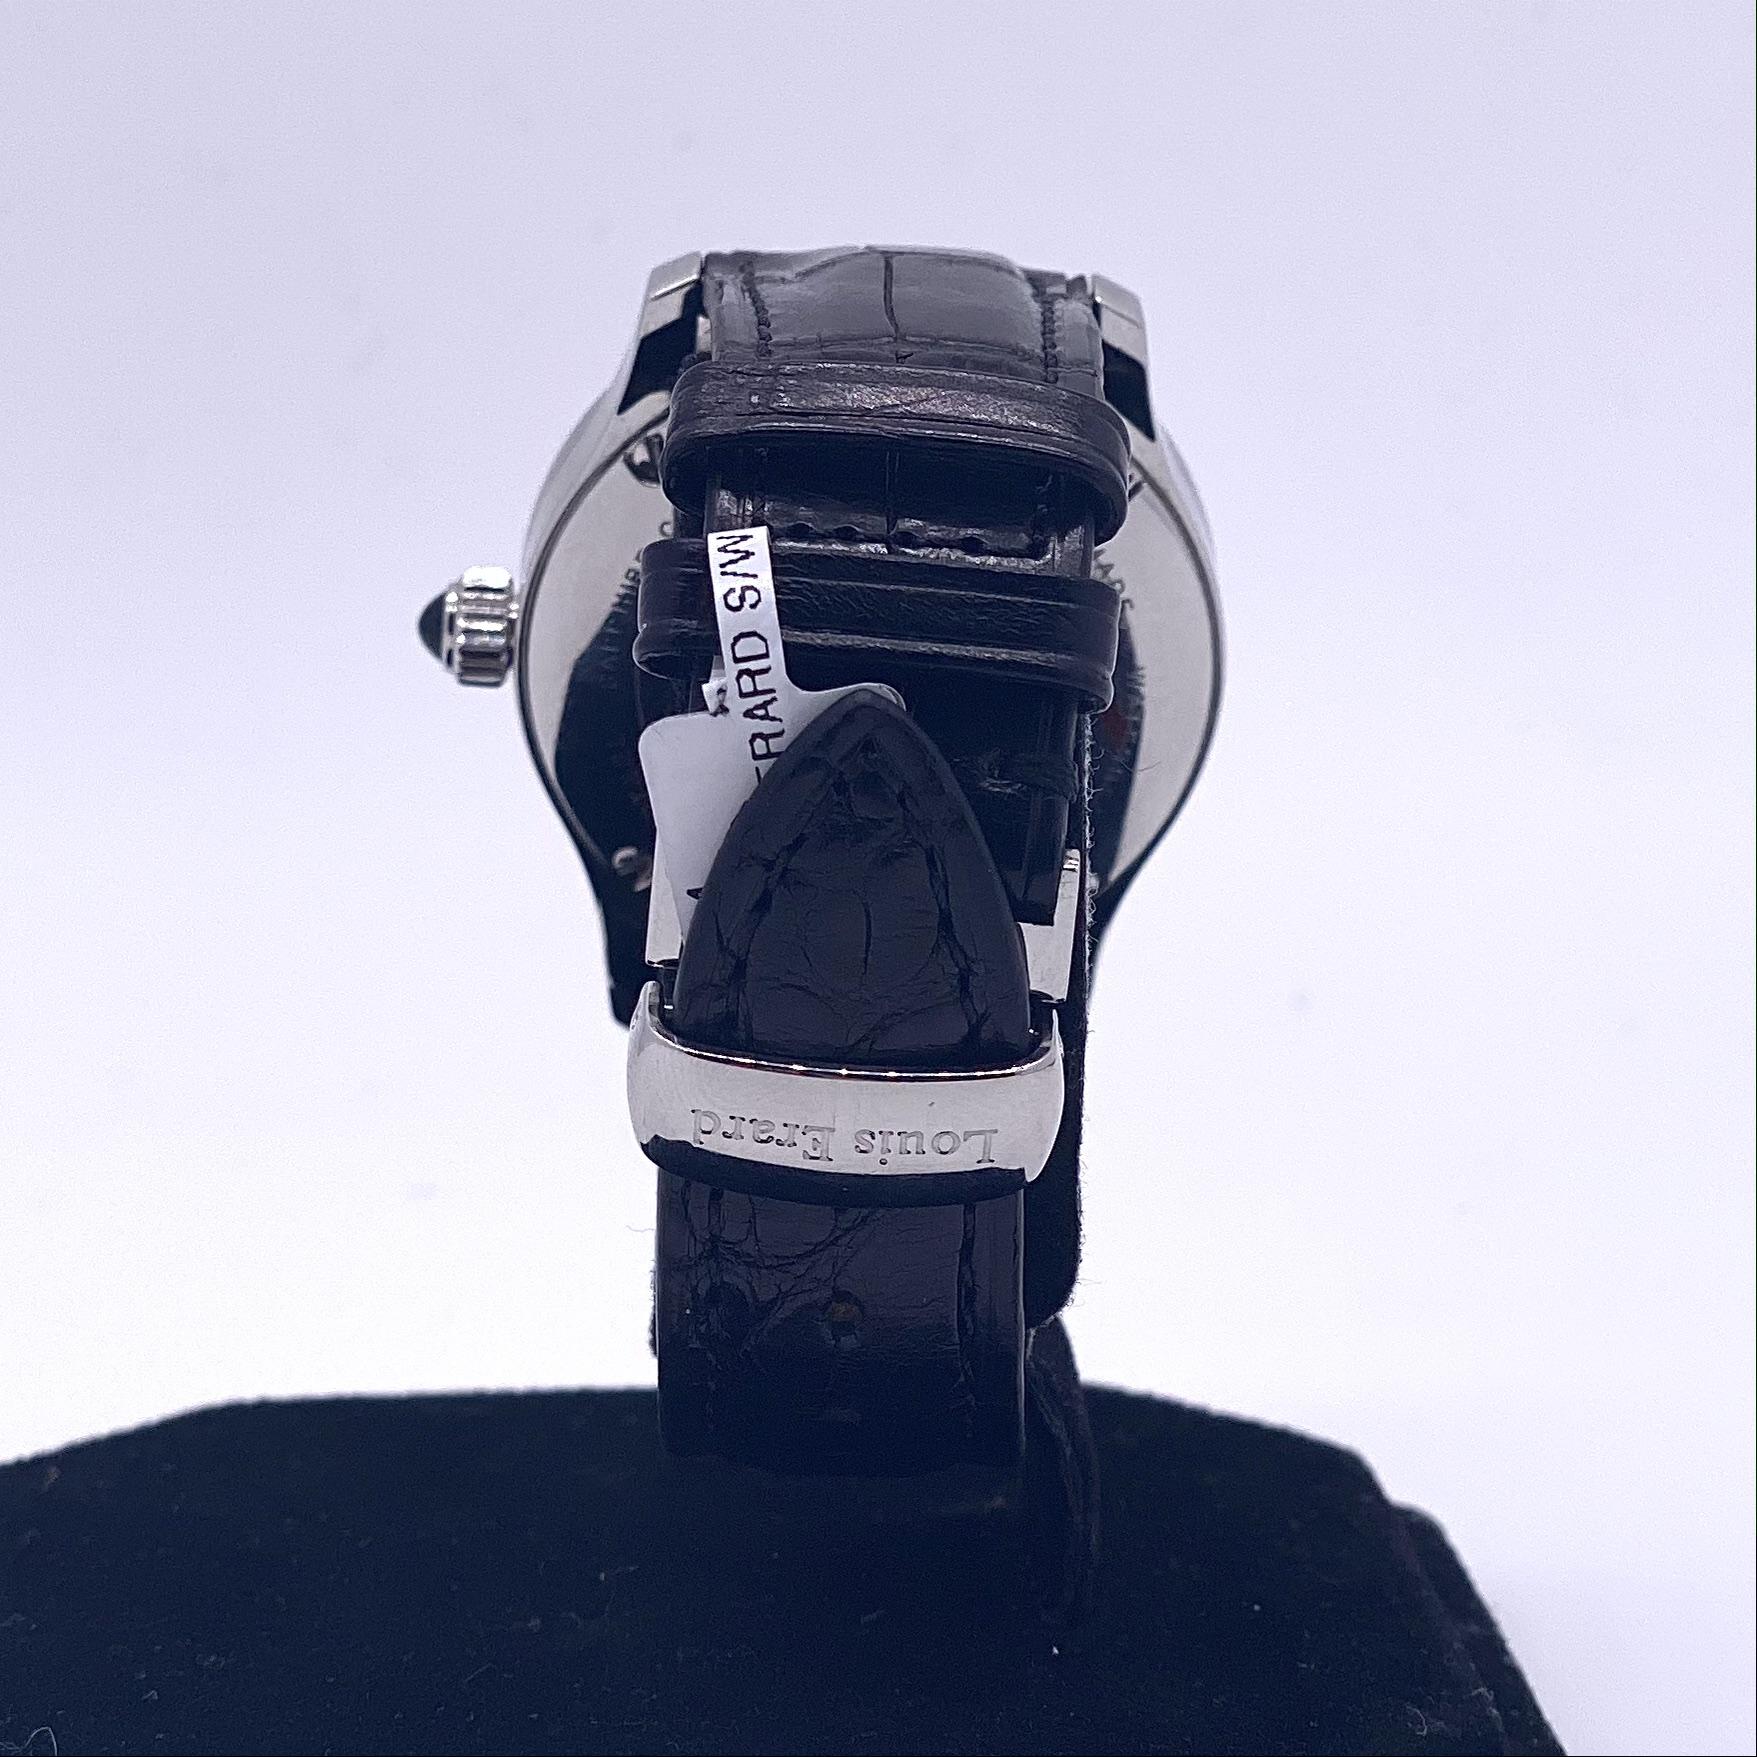 Louis Erard Watch - Image 3 of 3